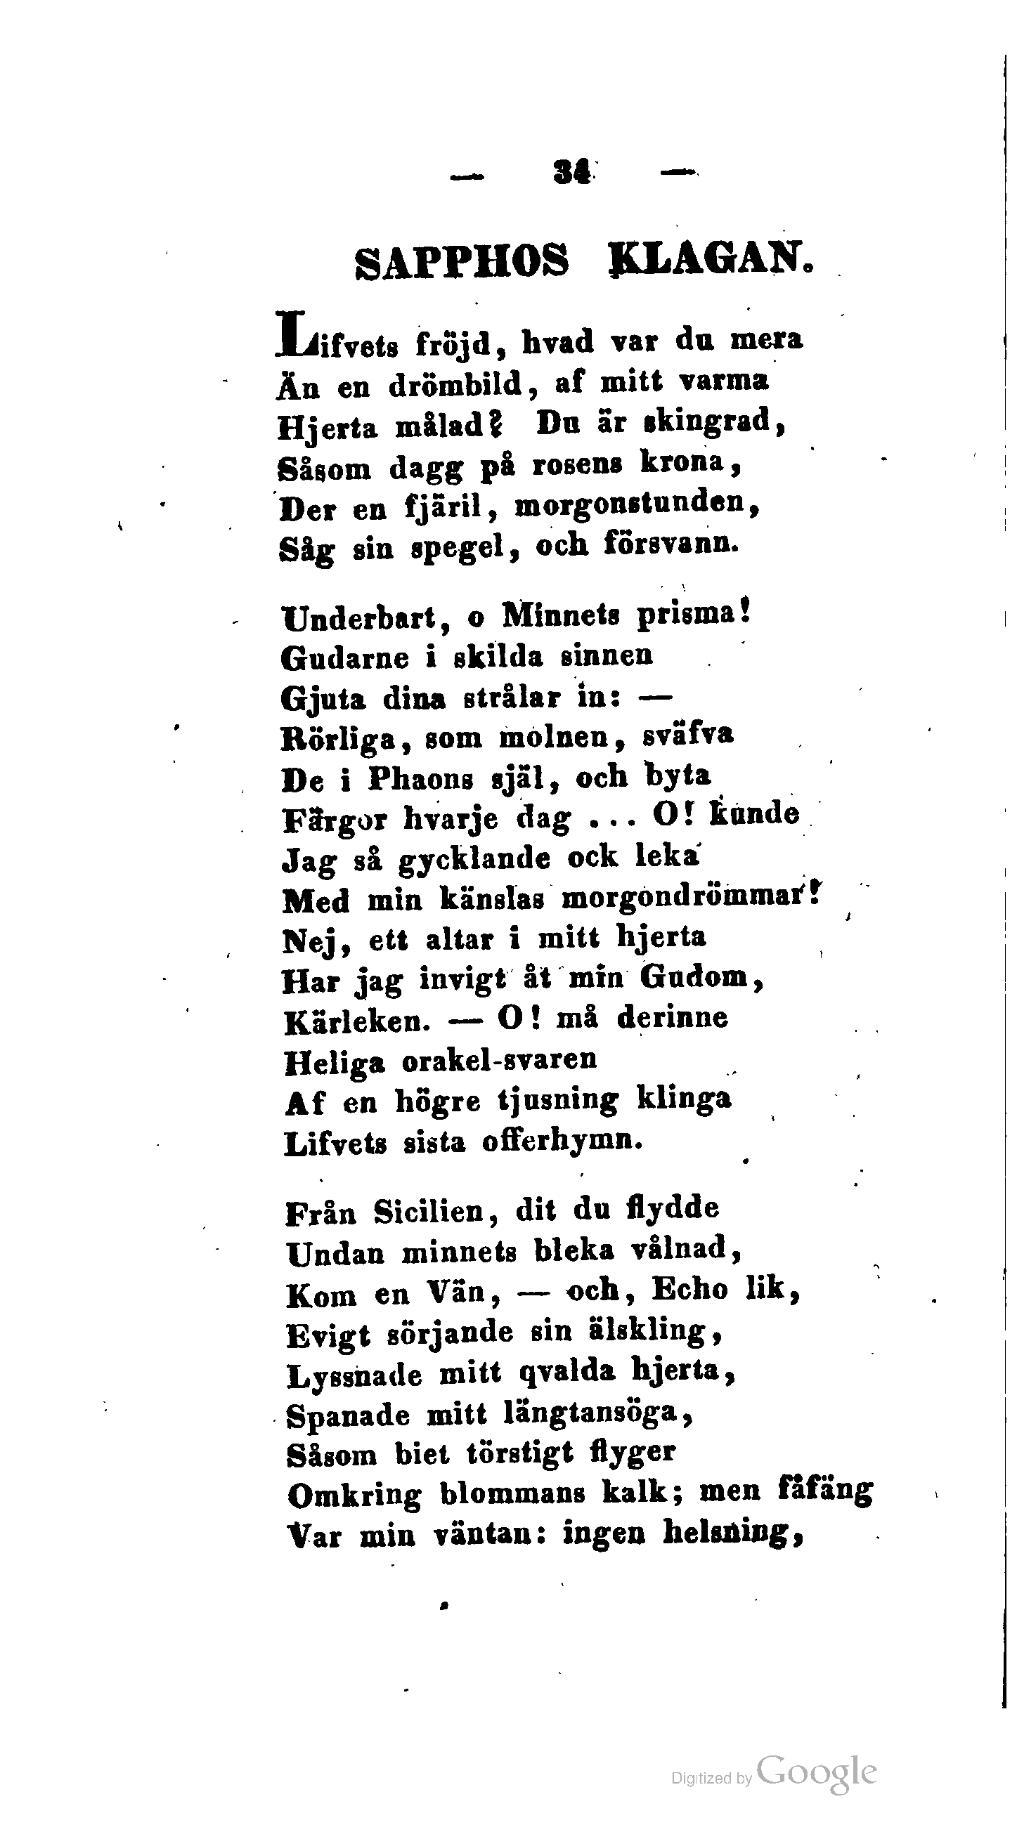 mötesplatsen prisma Lidköping